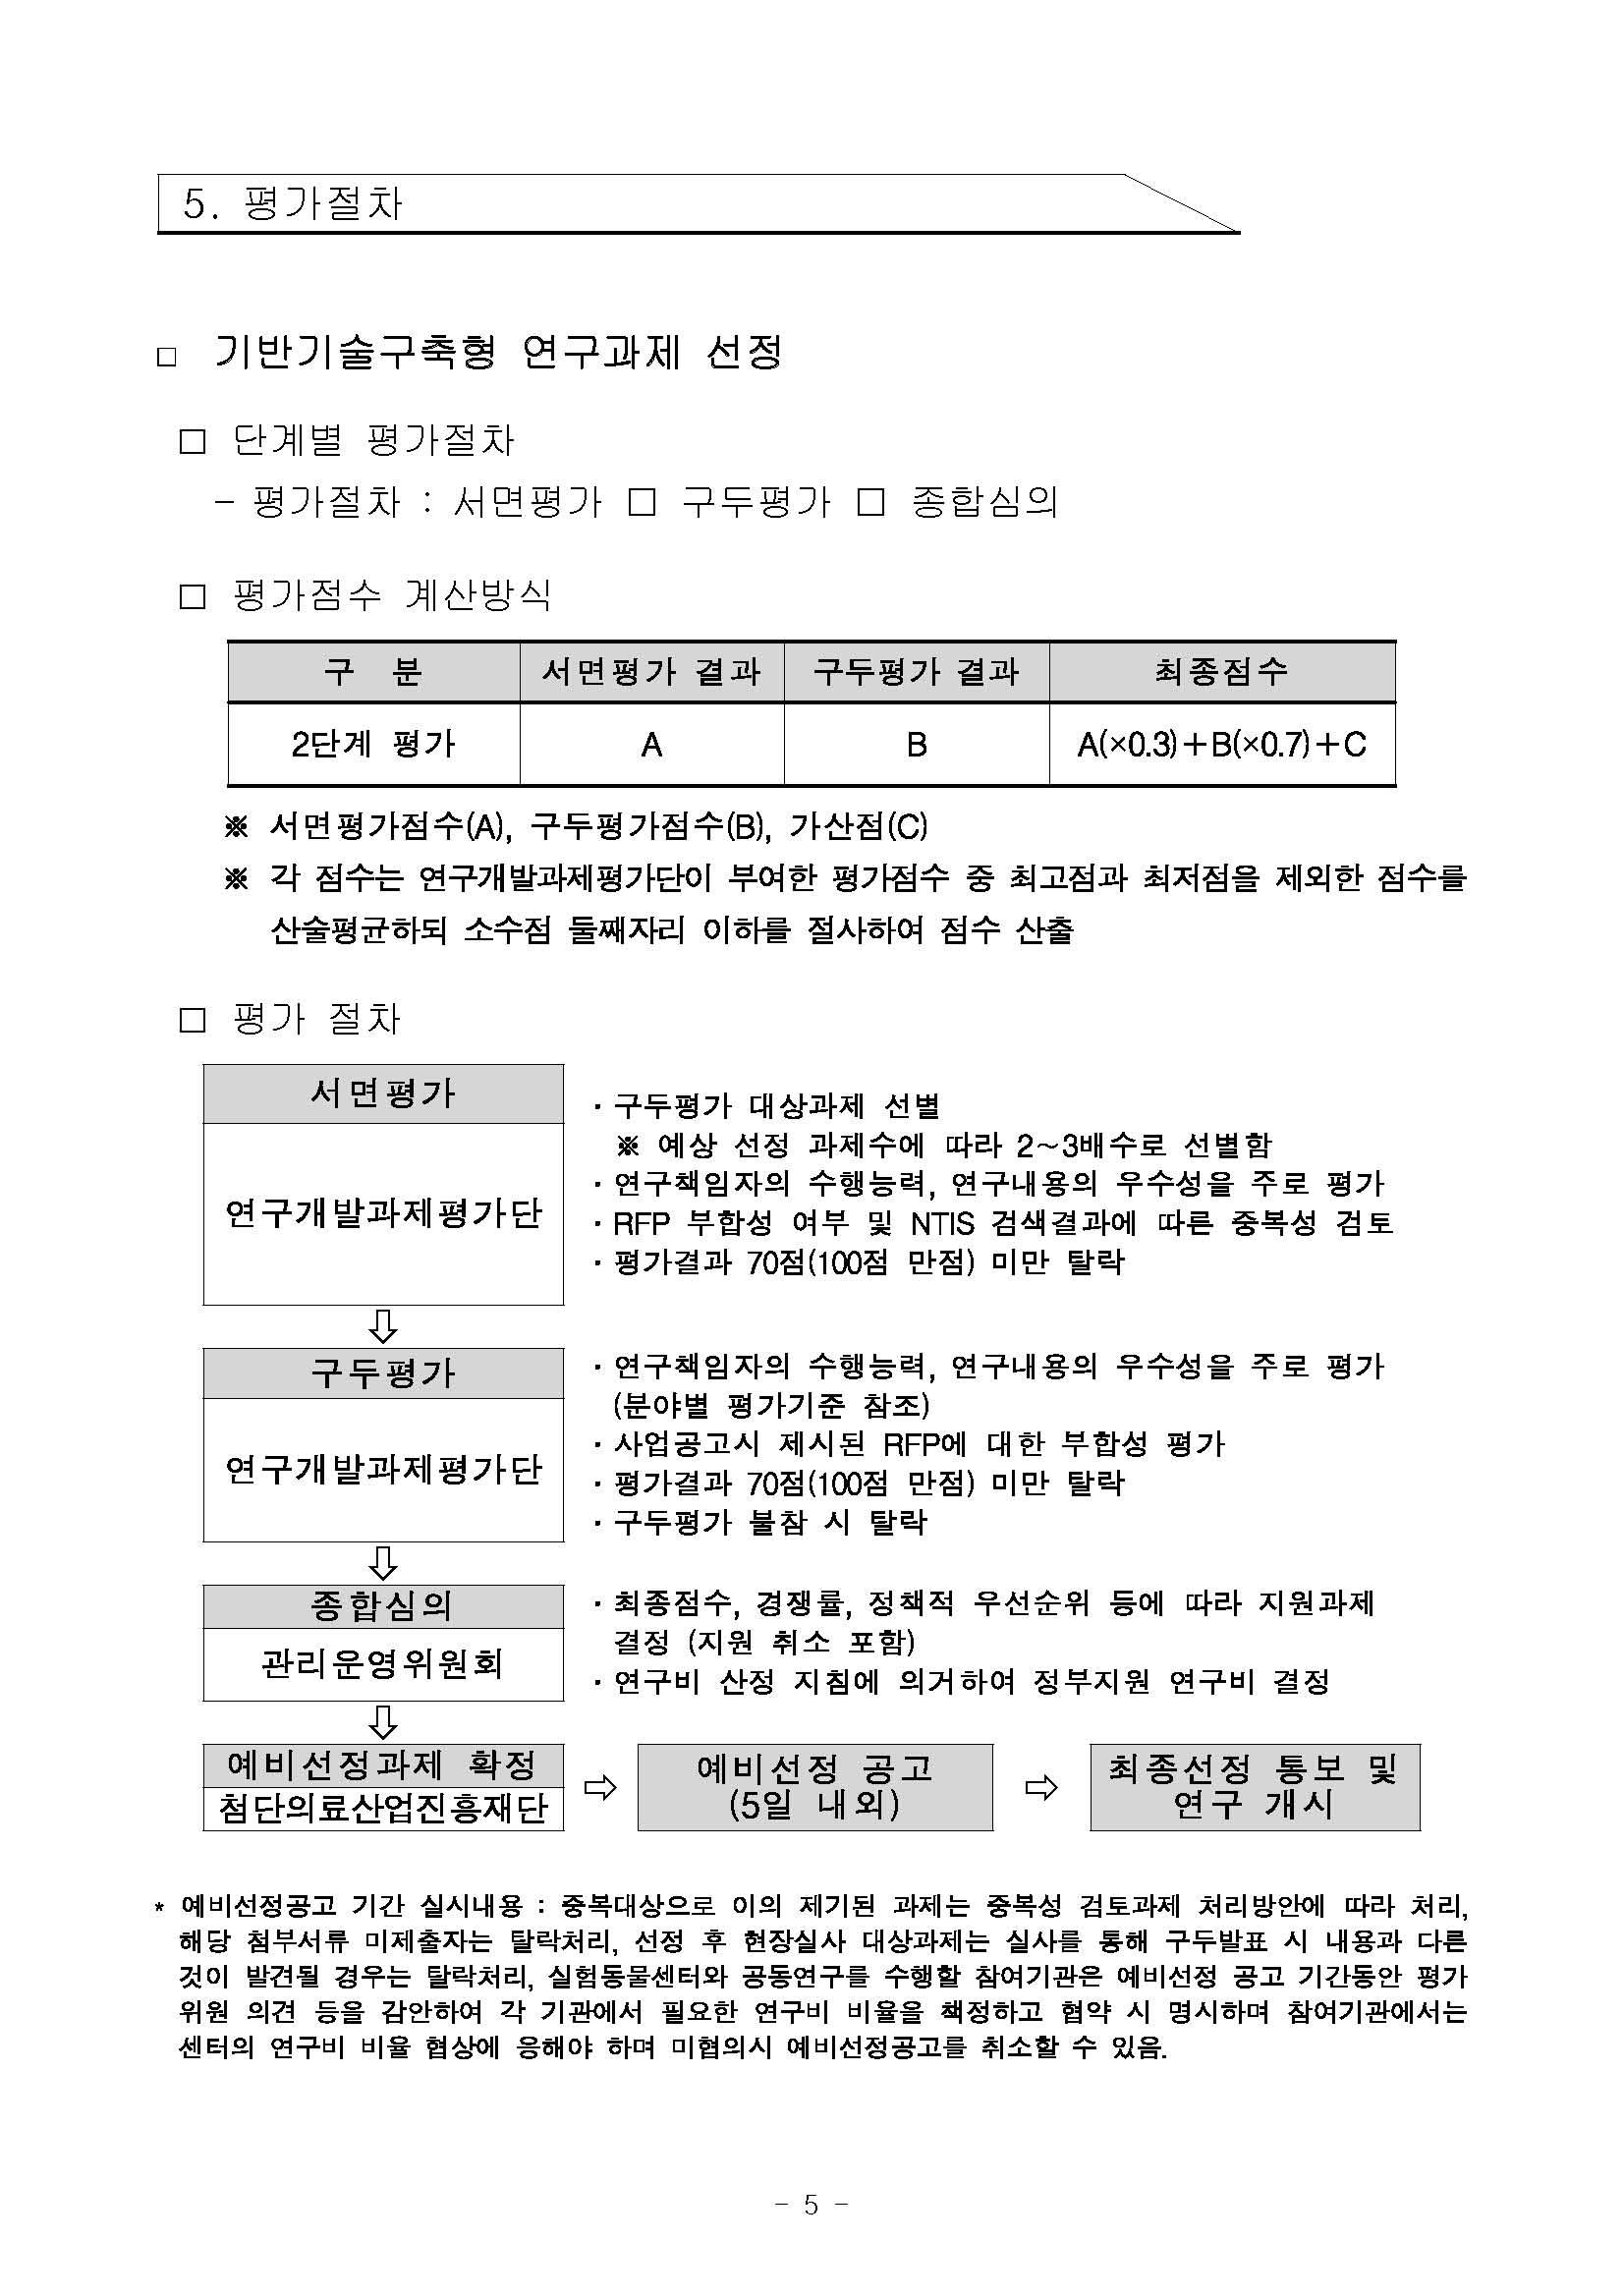 (붙임 1)_2015년도 첨단의료복합단지 연구개발지원사업 공고문_페이지_05.jpg